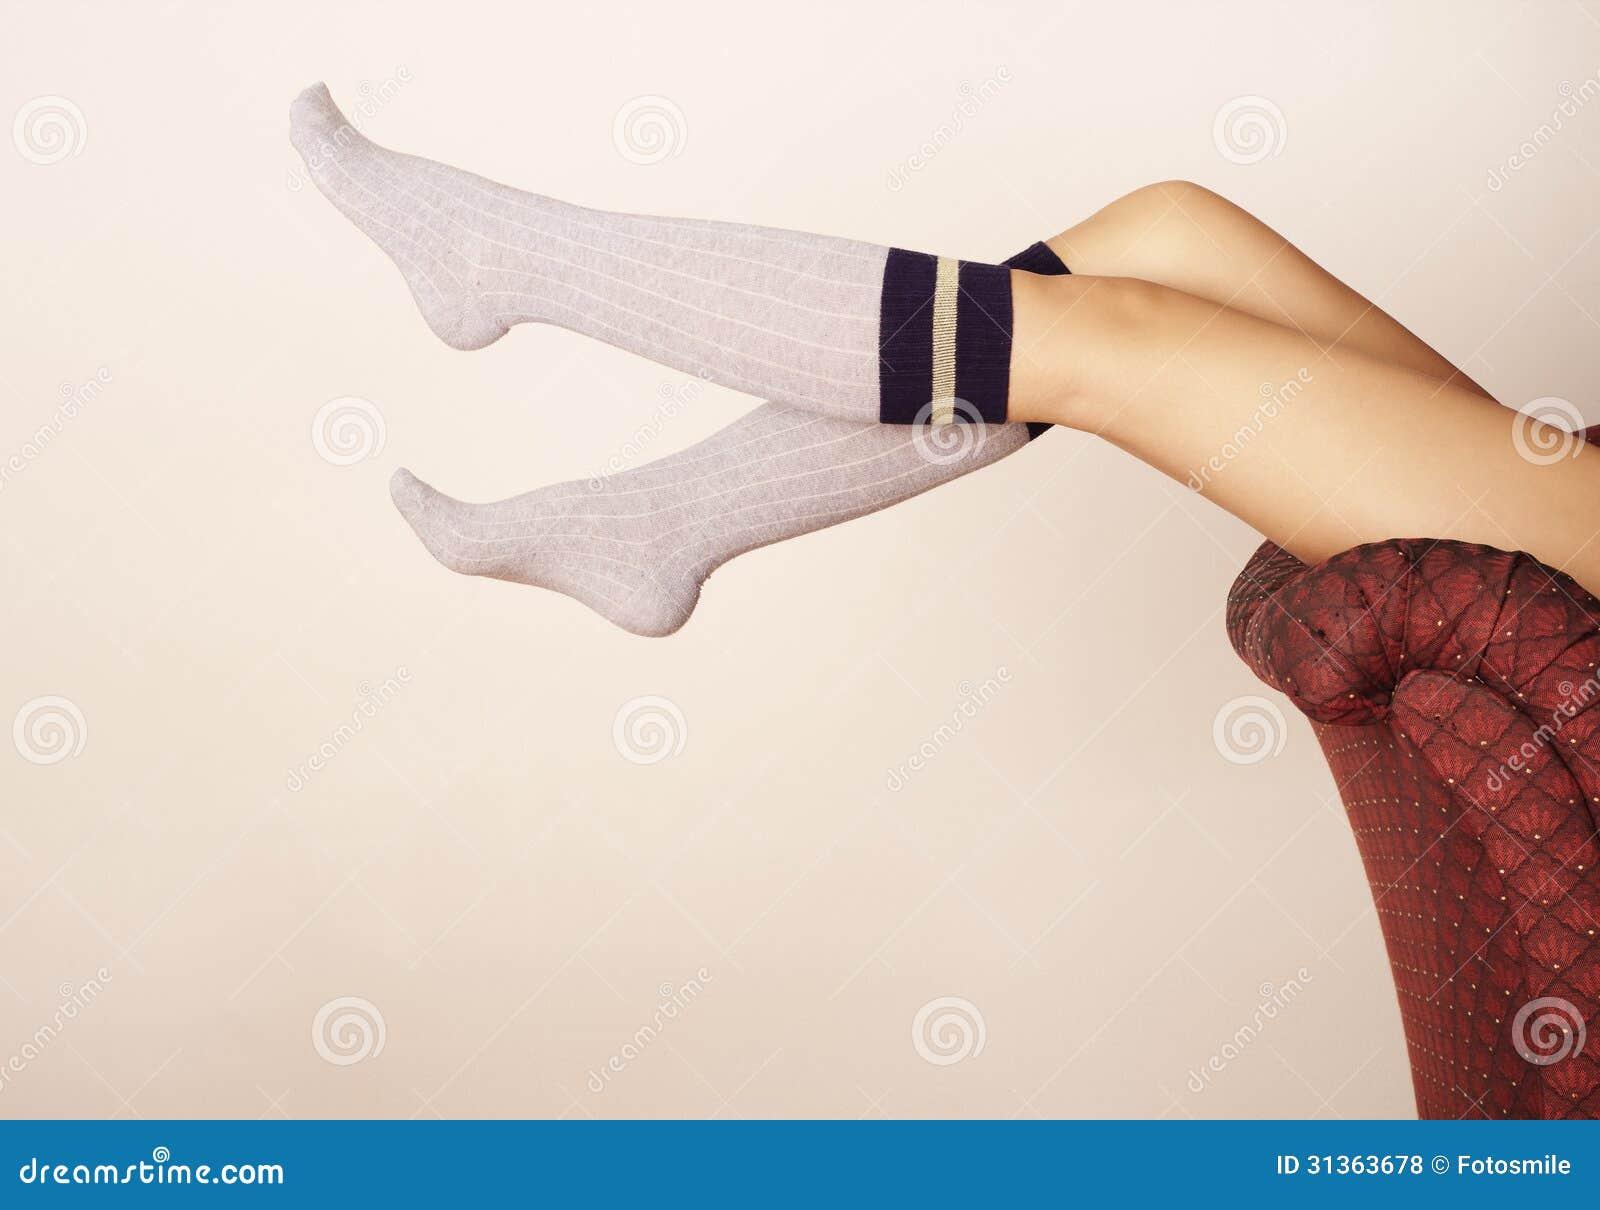 worn women's socks - 1000×700